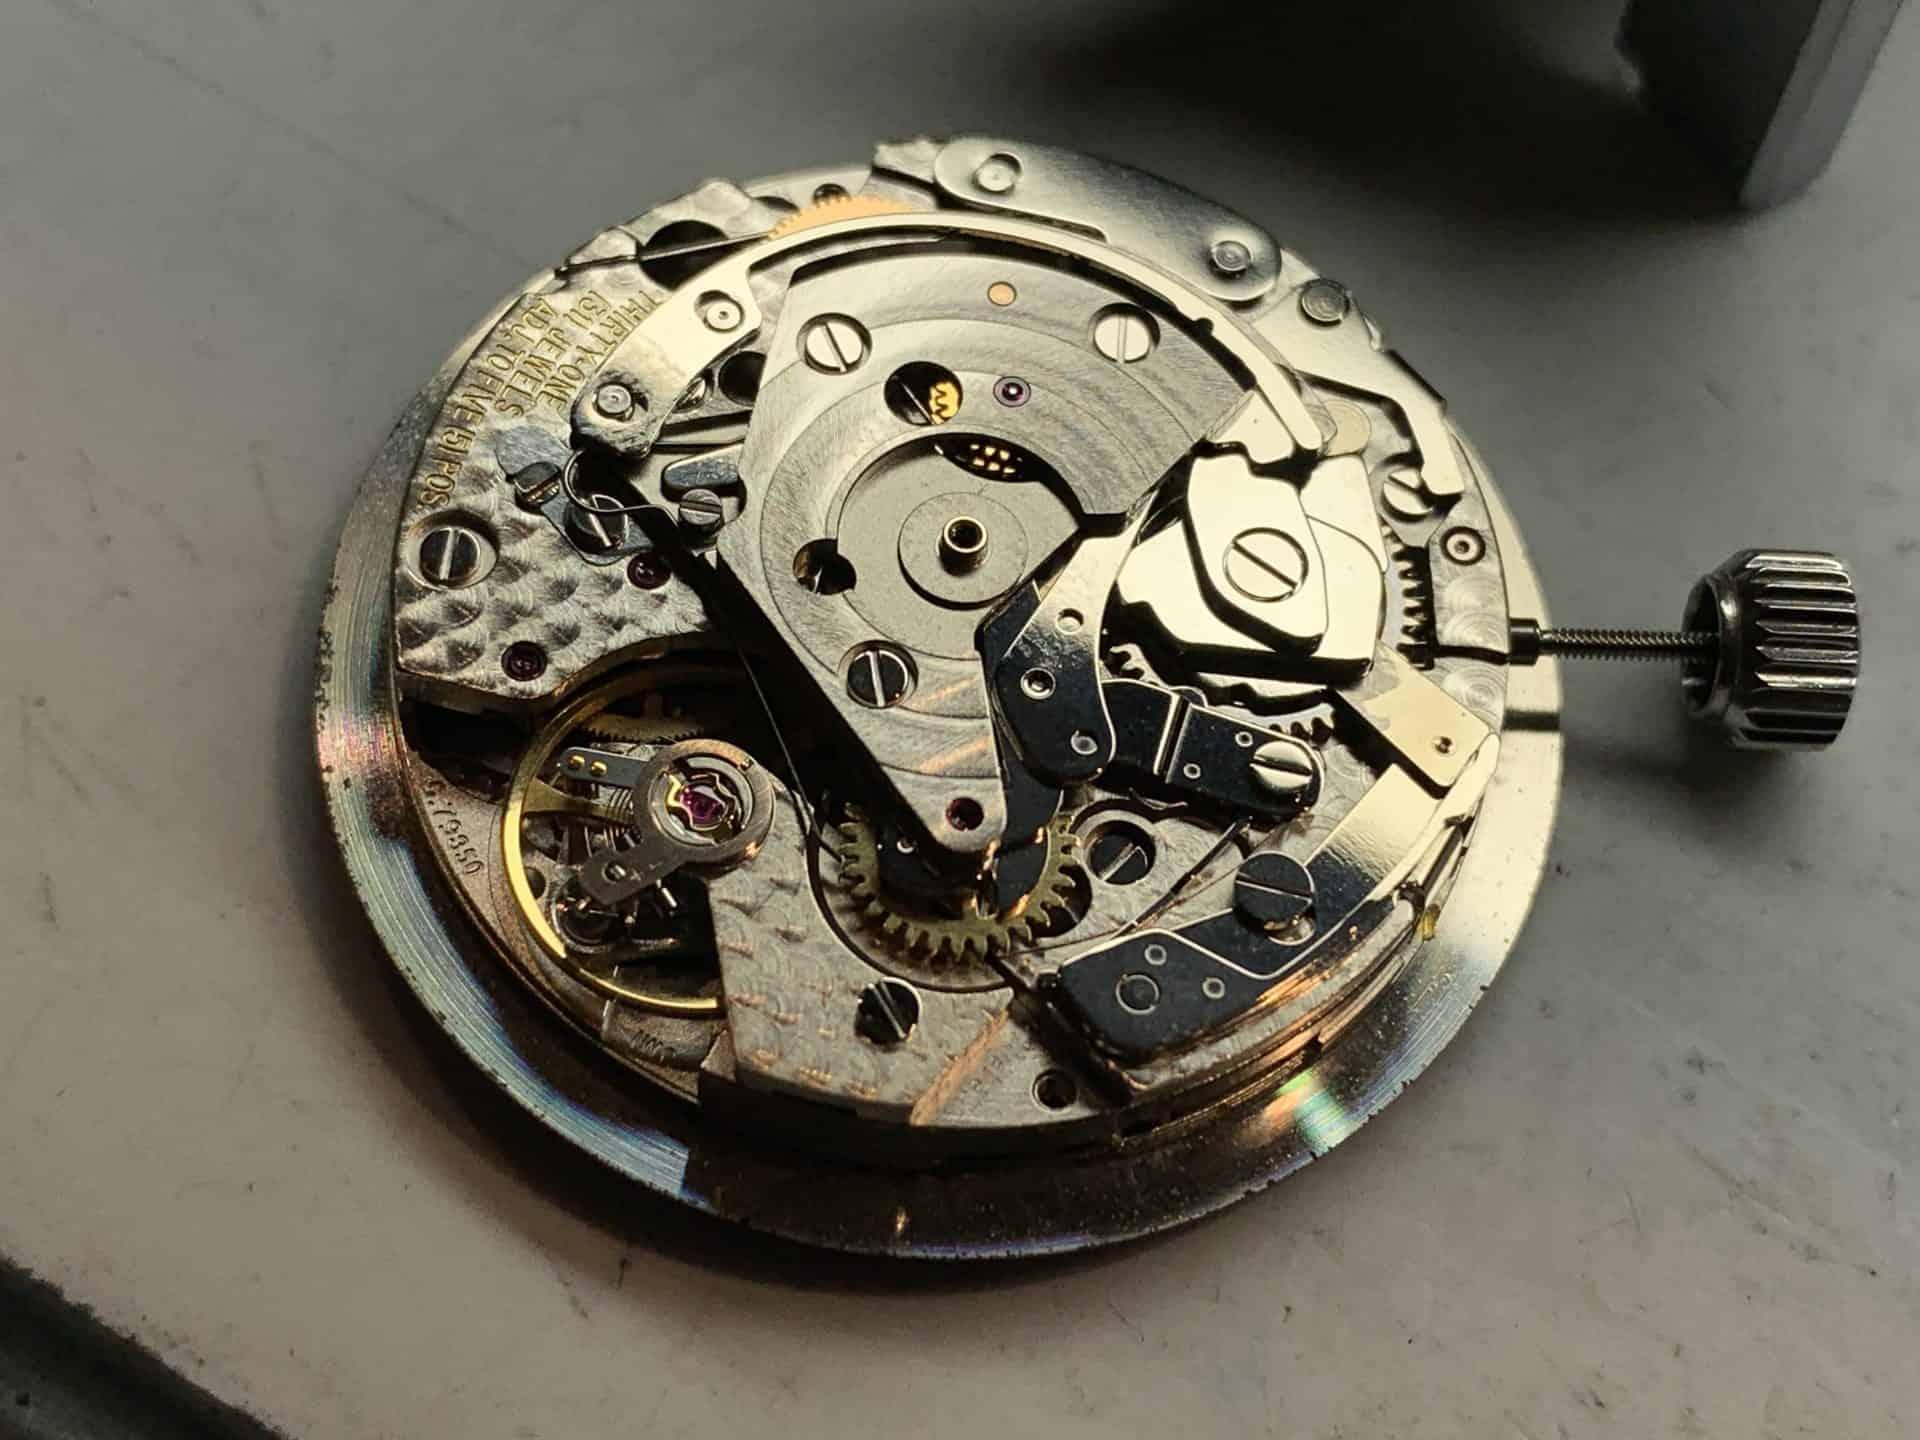 """Im """"Portugieser Chronograph"""" Referenz IW371480 findet sich das oben abgebildete Kaliber 79350. Sein Rotos ist demontiert. Gegenüber dem 79240 besitzt des eine rhodinierte Oberfläche und eine zierende Perlage."""